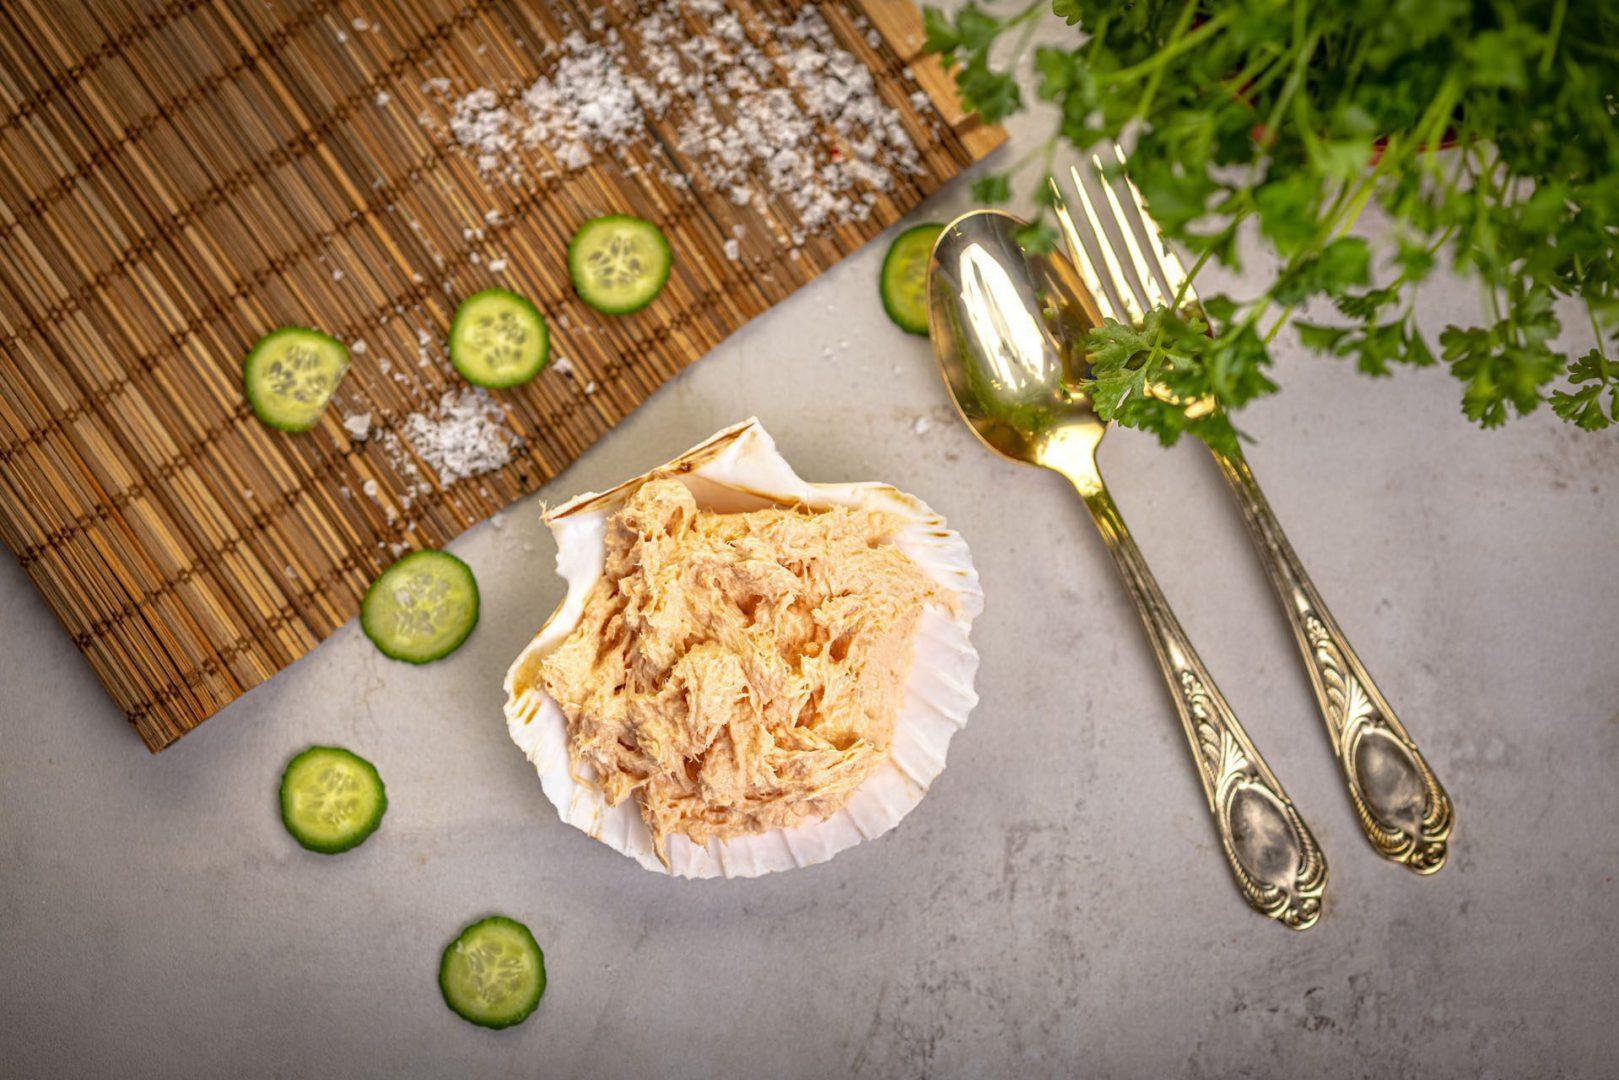 Zalmsalade bestellen